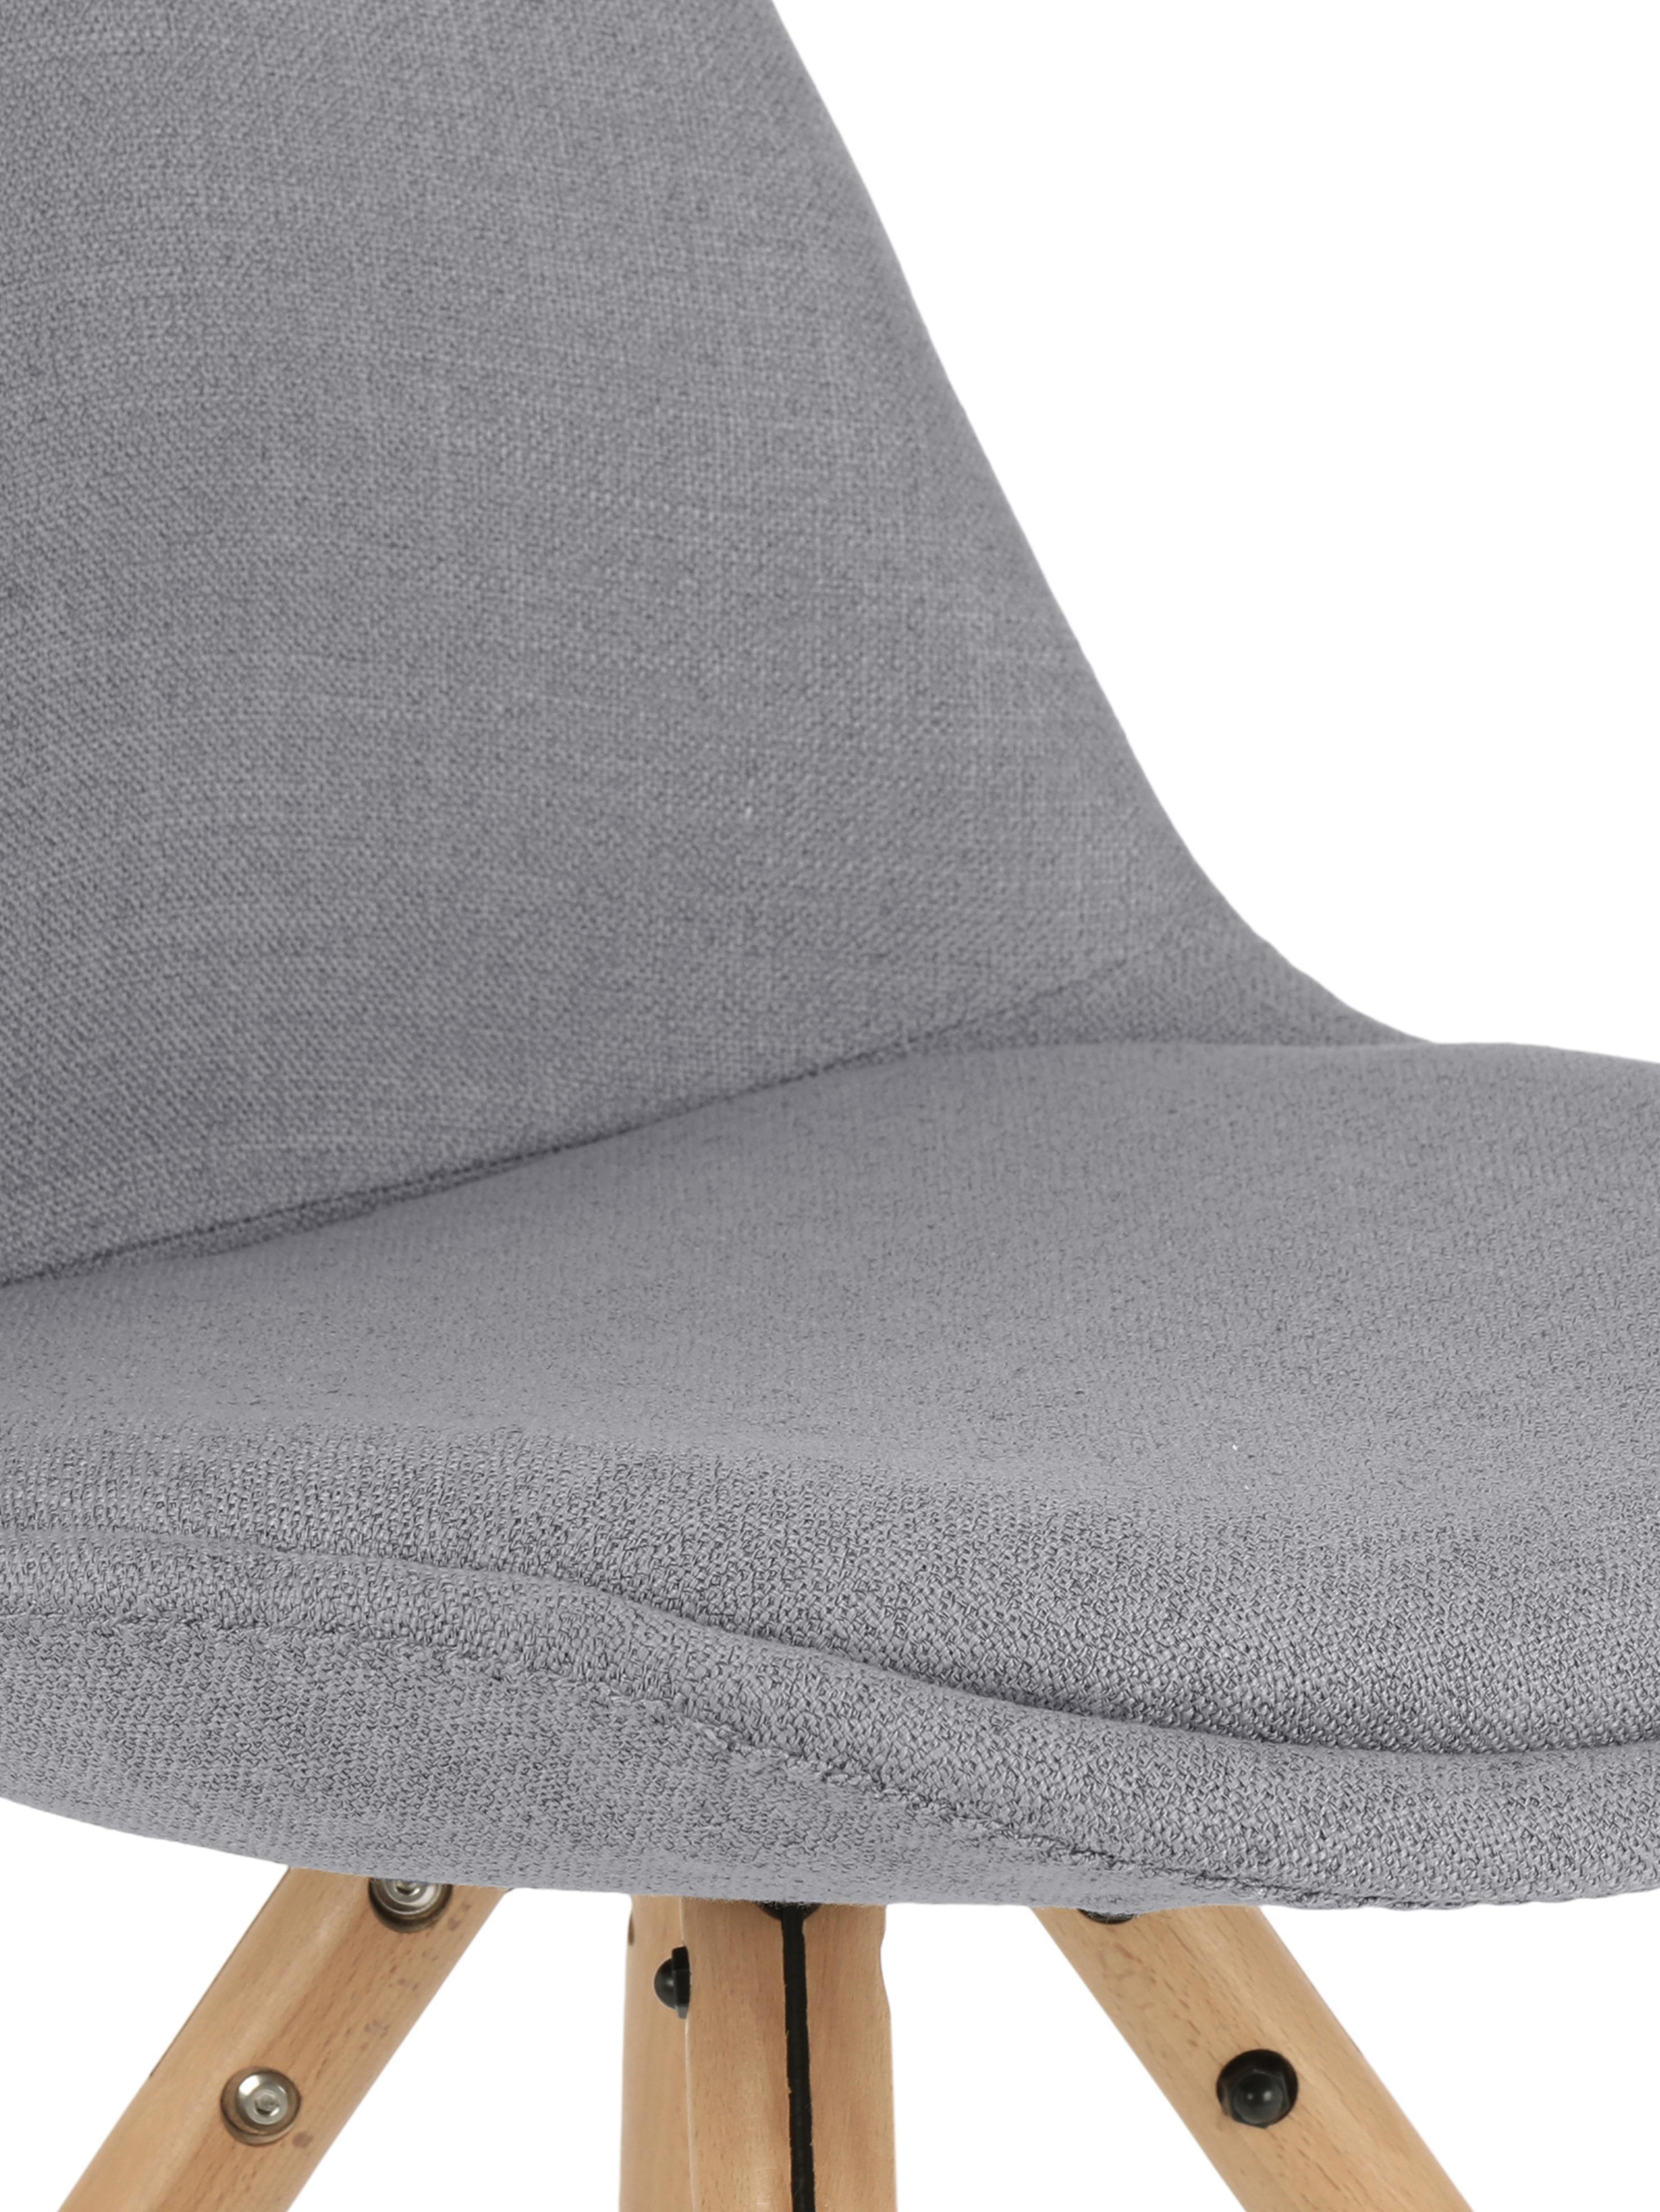 Polsterstühle Max im Skandi Design, 2 Stück, Sitzschale: Kunststoff, Bezug: Polyester 20.000 Scheuert, Beine: Buchenholz, Webstoff Grau, B 46 x T 54 cm